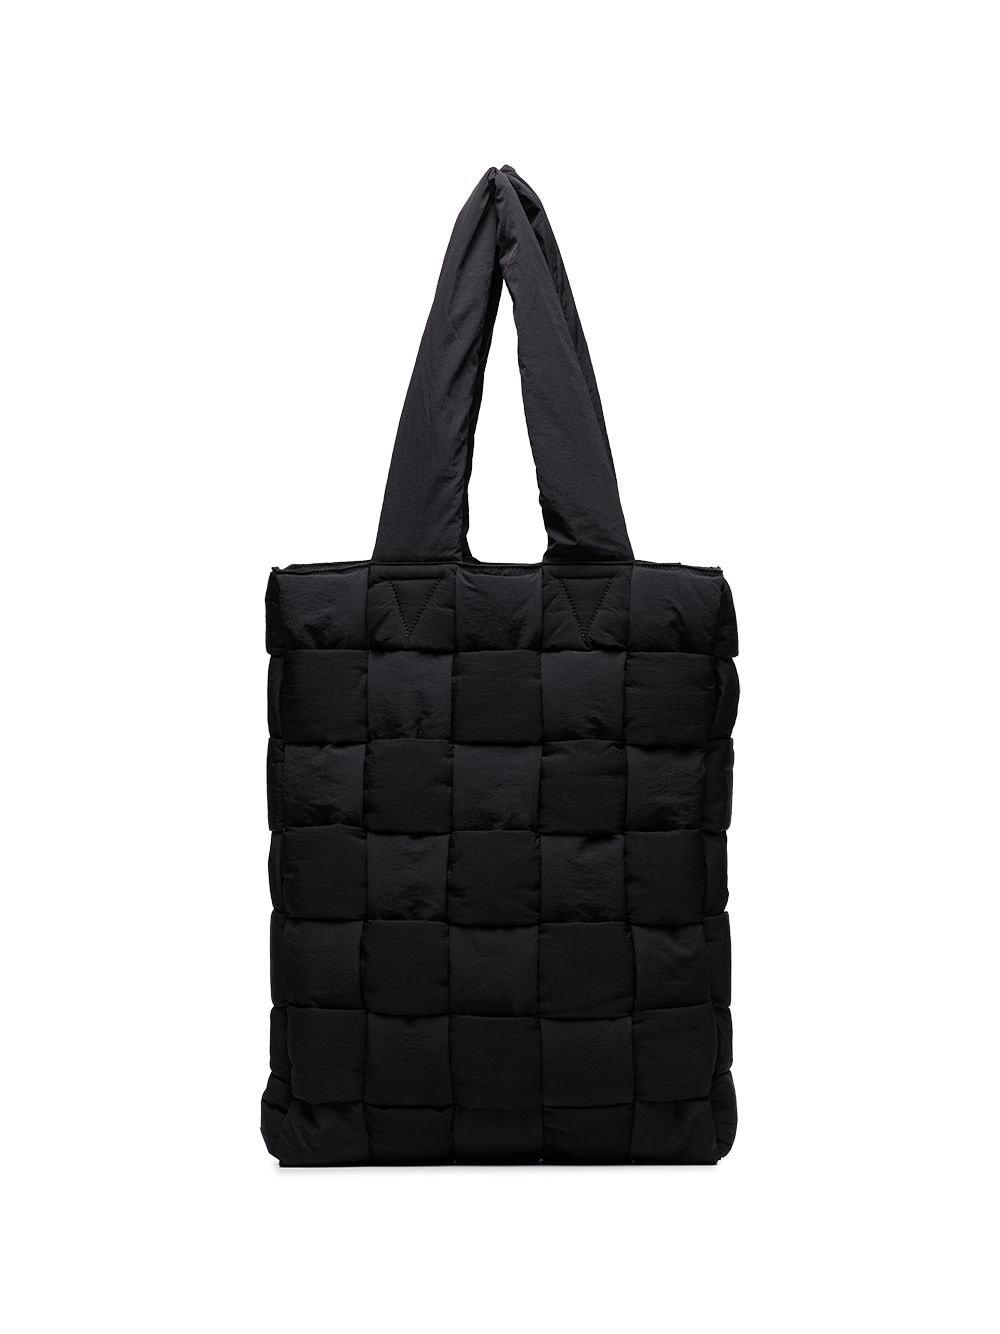 Picture of Bottega Veneta   Intrecciato Quilted Tote Bag